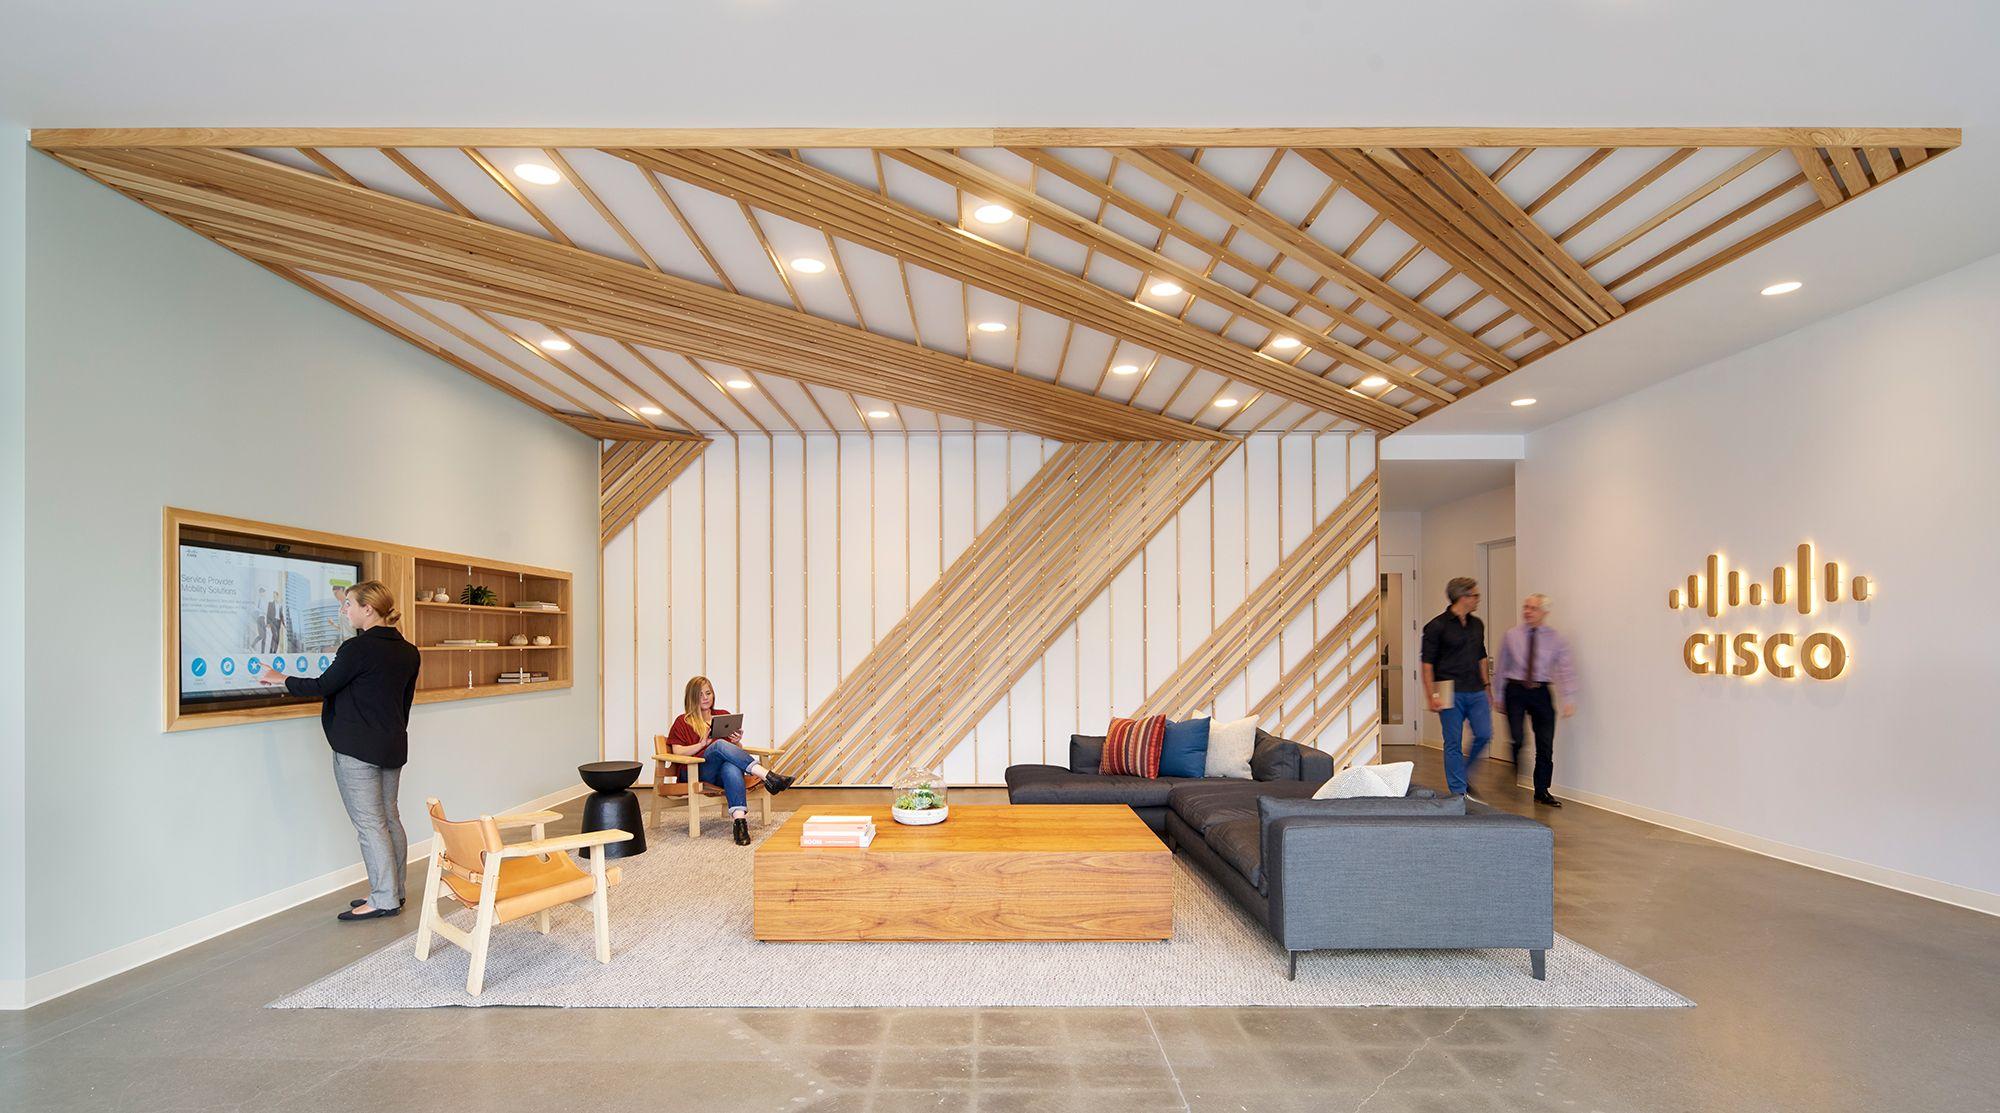 dezeen cisco offices studio. Dezeen Cisco Offices Studio. Buildings 3, 4, 20, 22, 23 Studio